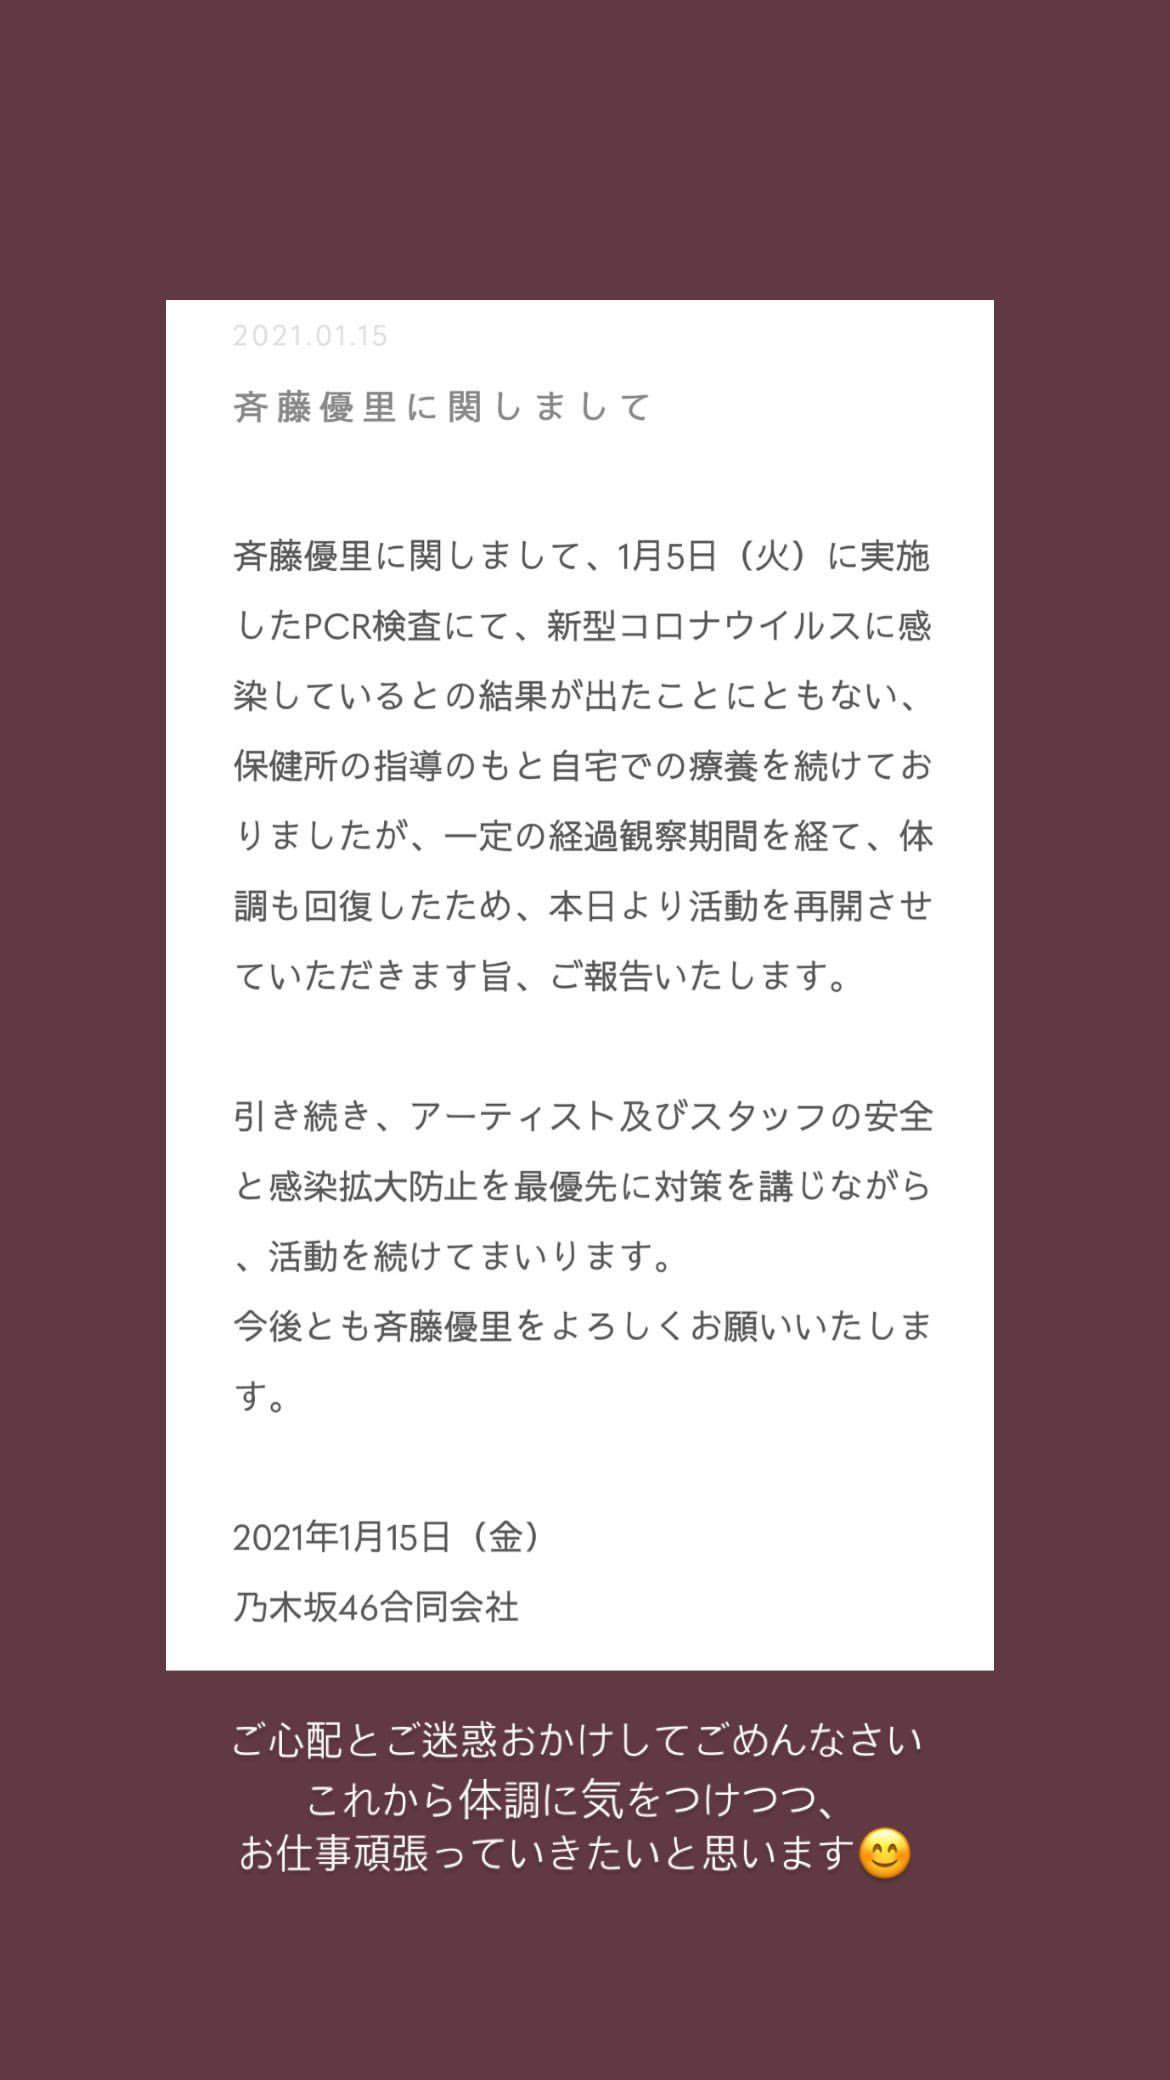 斉藤優里、本日より活動を再開